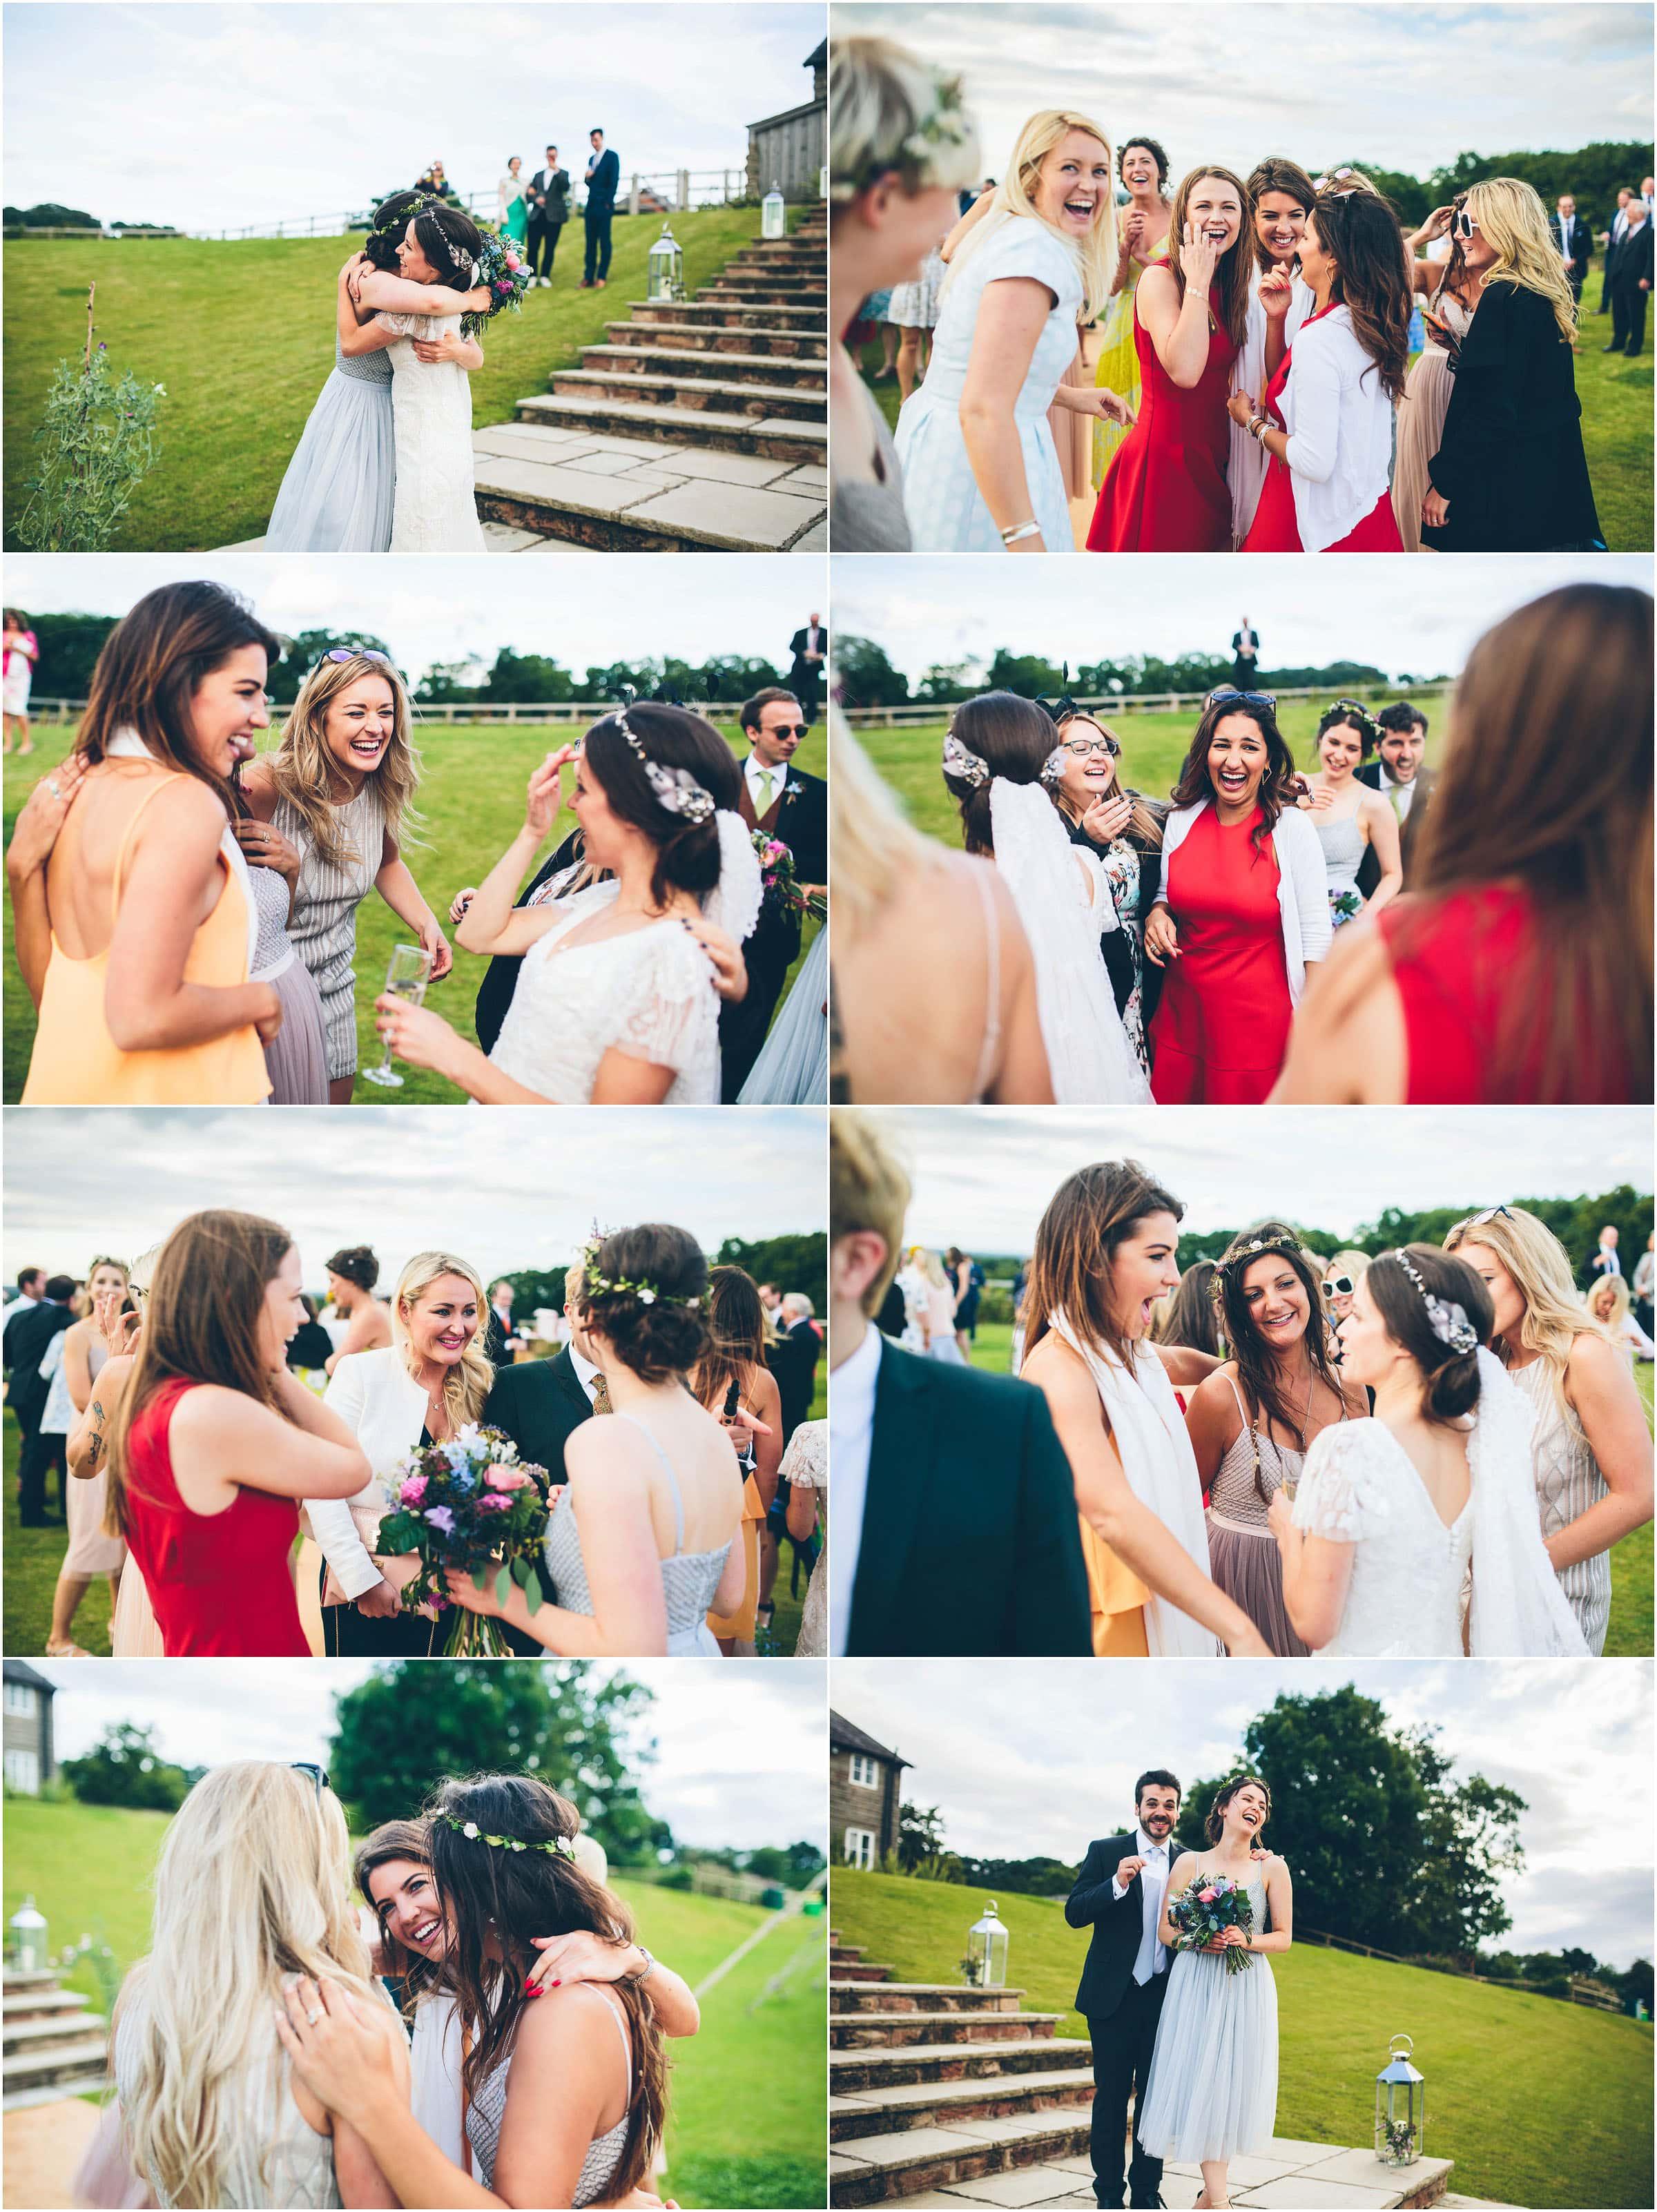 Harthill_Weddings_Wedding_Photography_0099